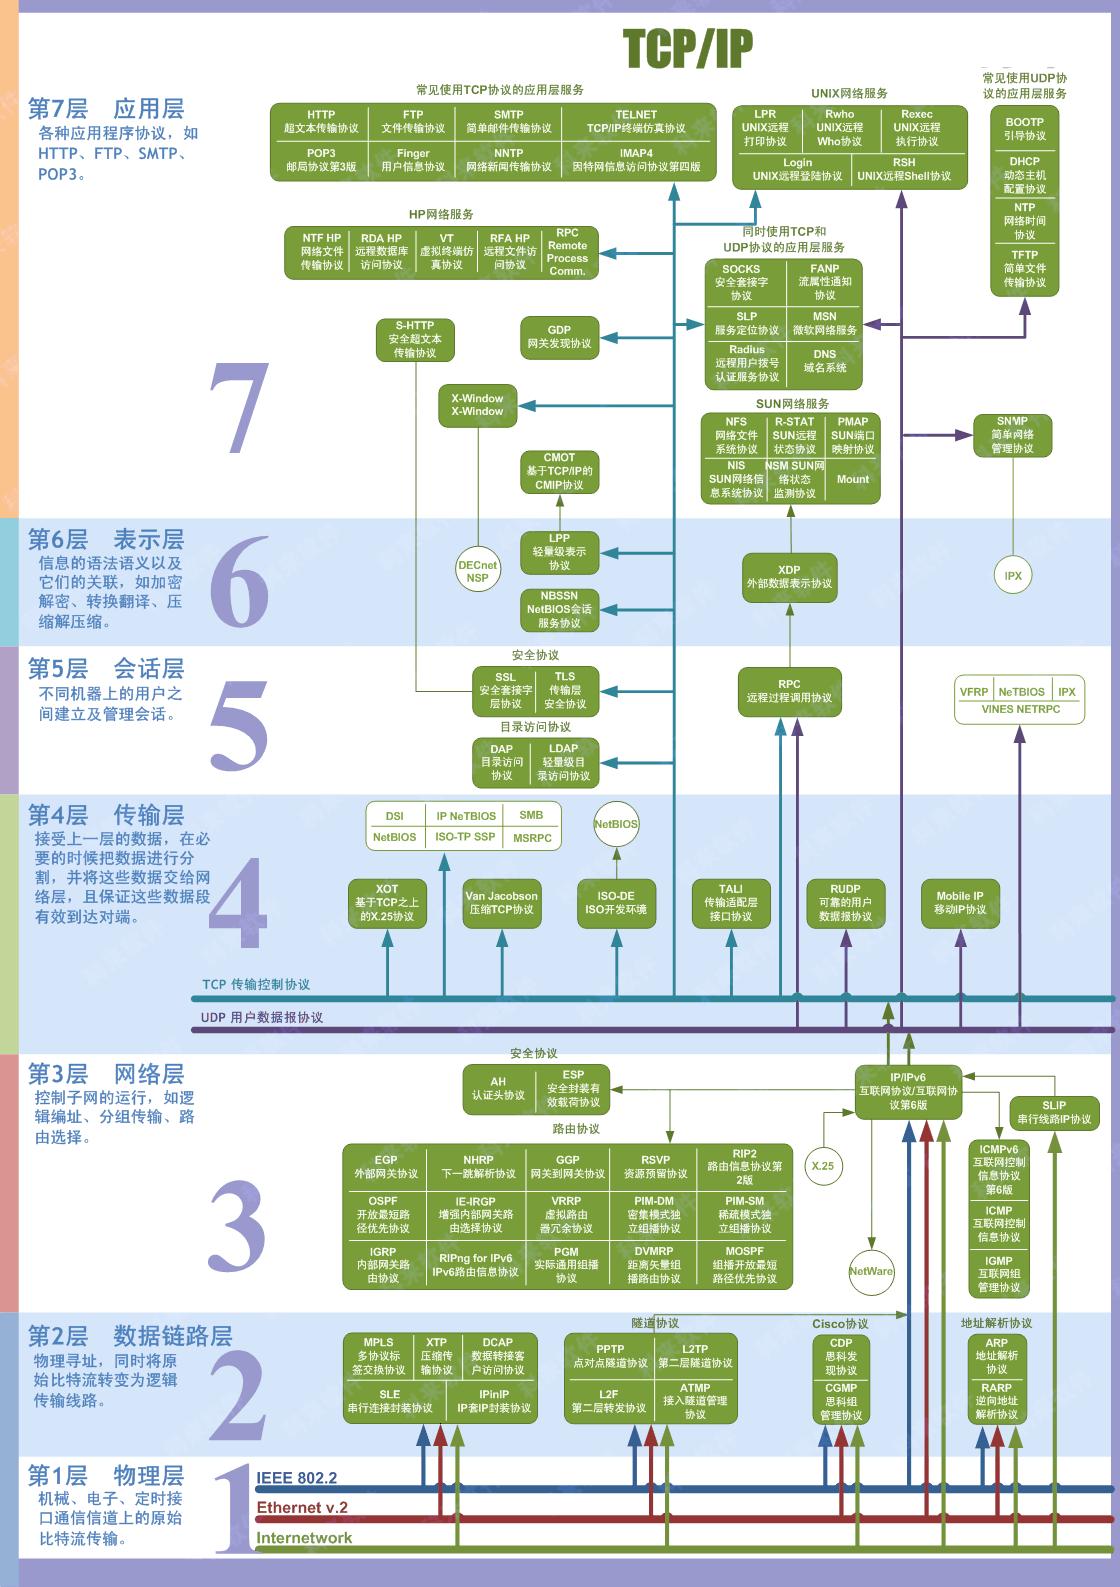 七层协议图解,来自CSDN.雨飞